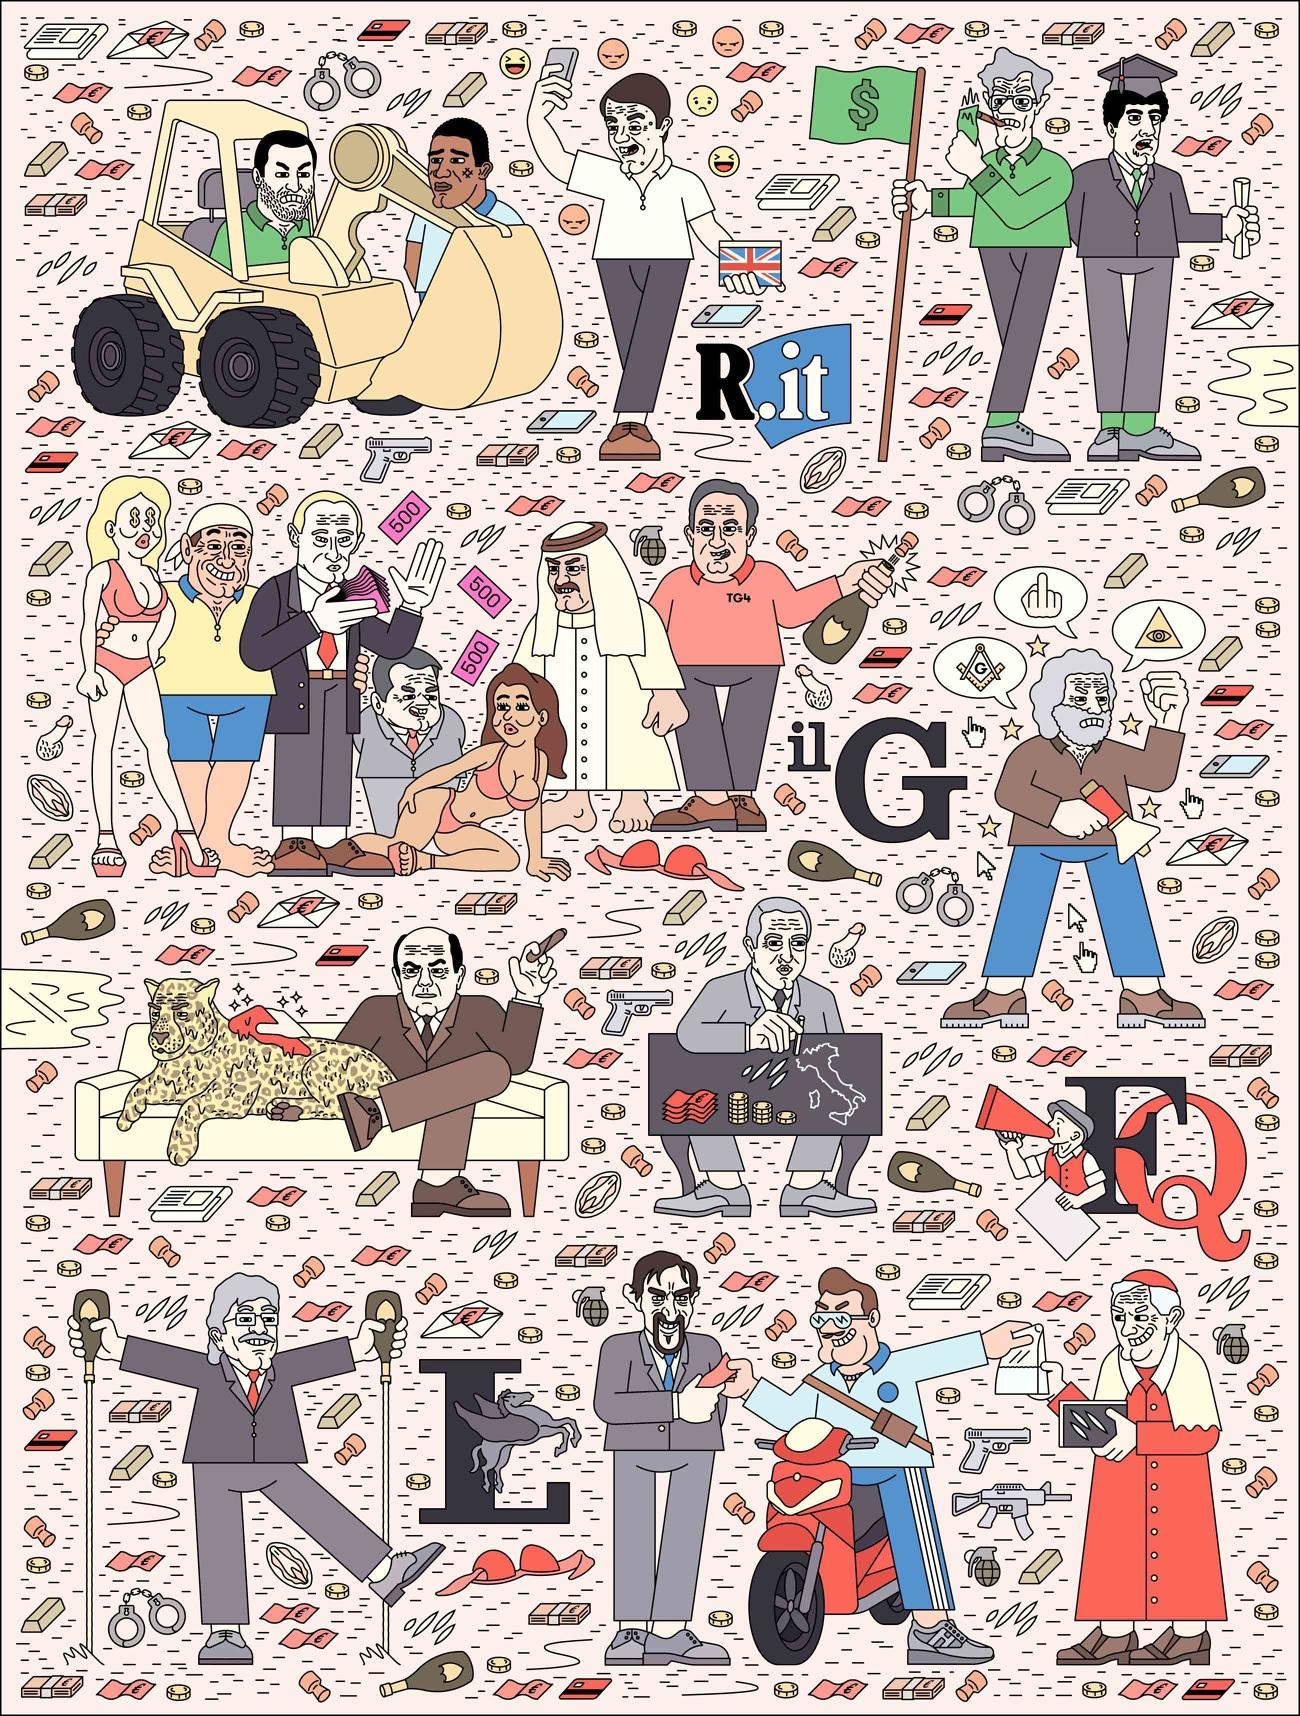 La cultura pop italiana nelle illustrazioni di Filippo Fontana | Collater.al 5